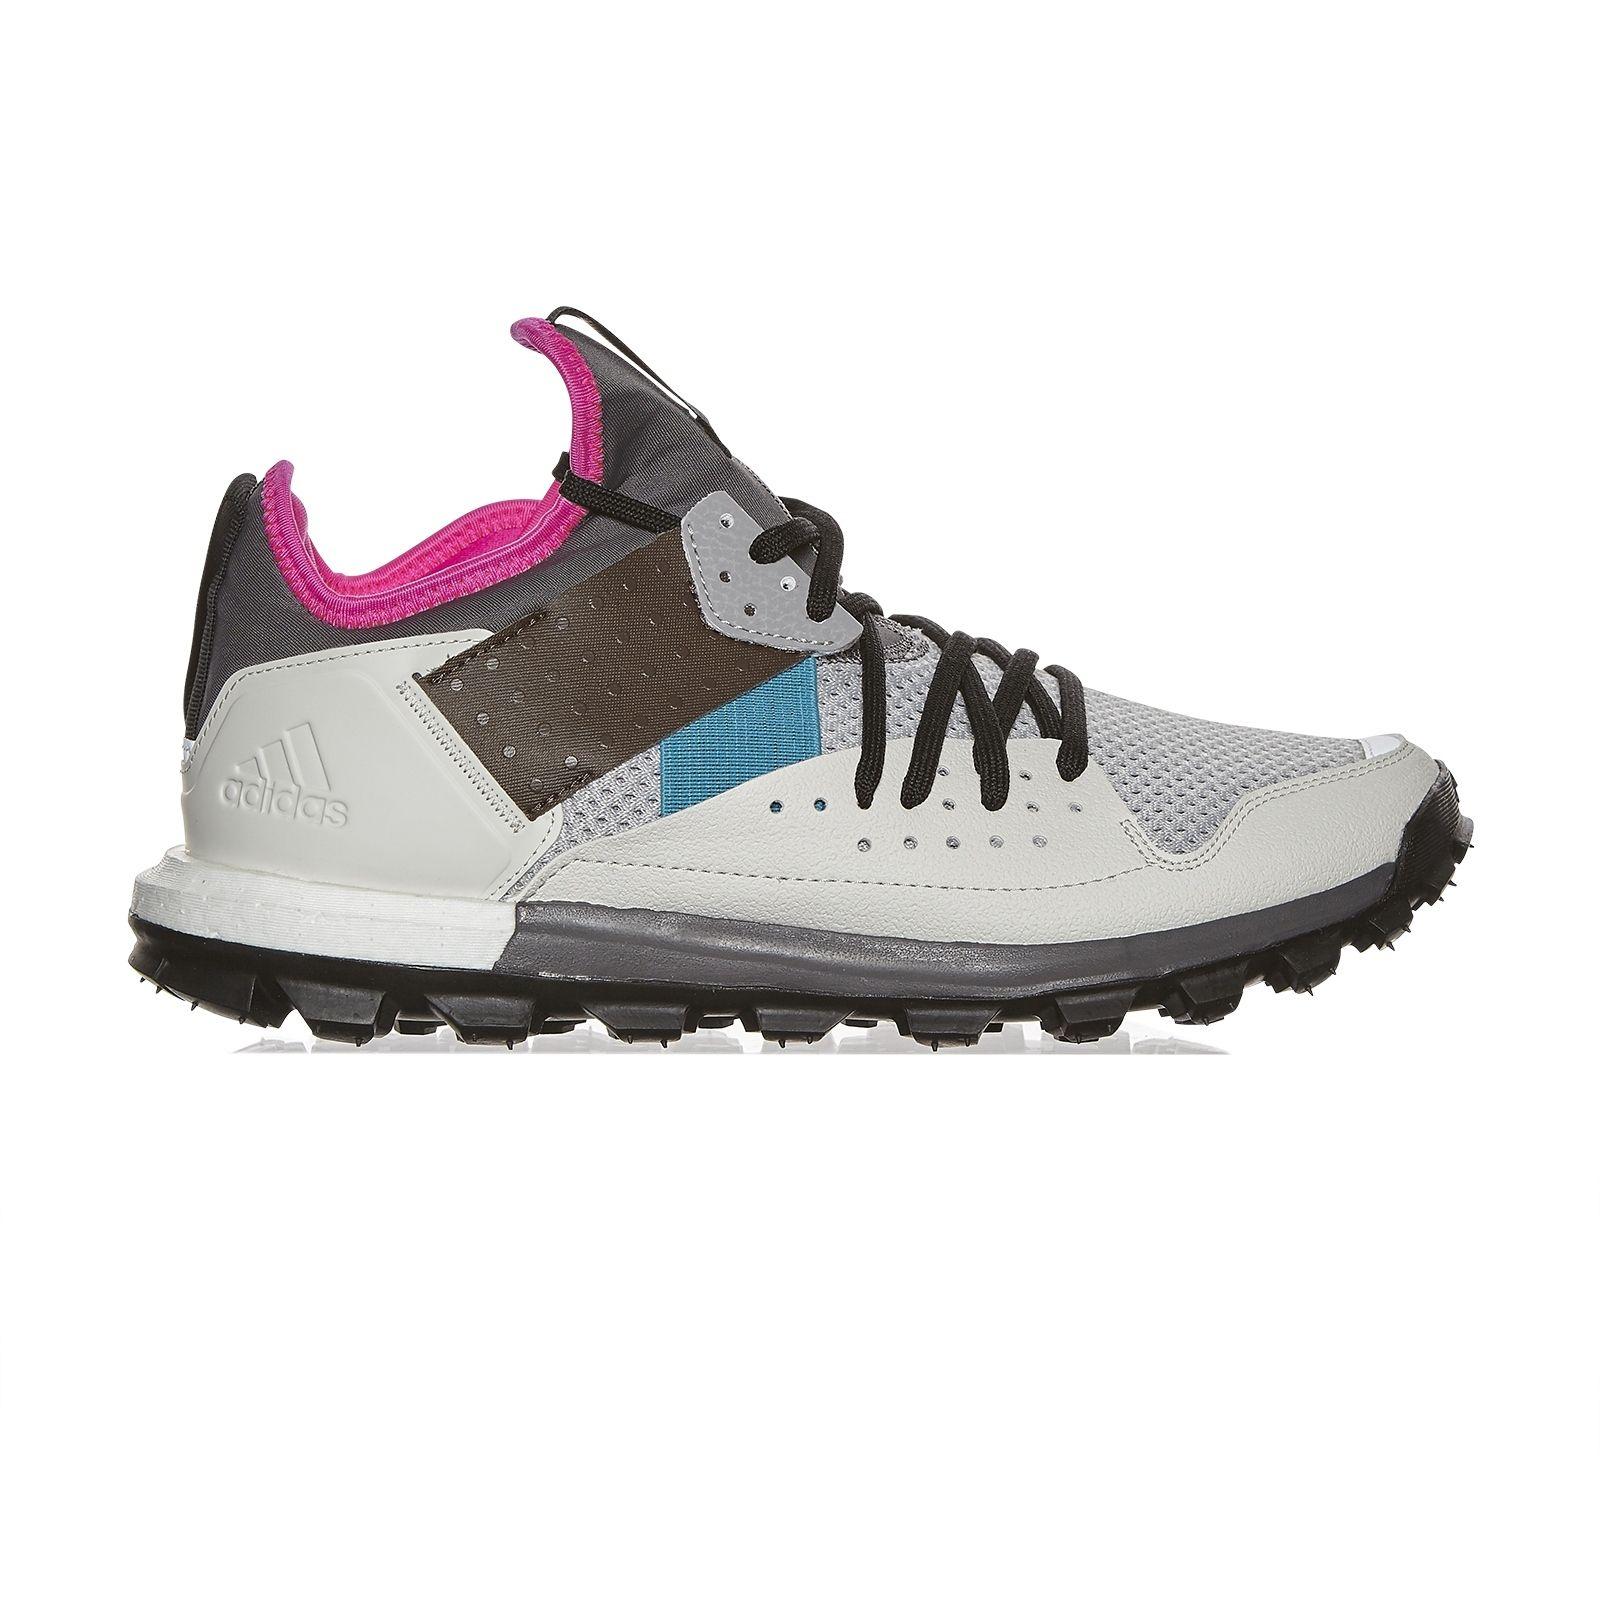 adidas originals Kolor x Response Trail Boost Sneakers  e896a596b